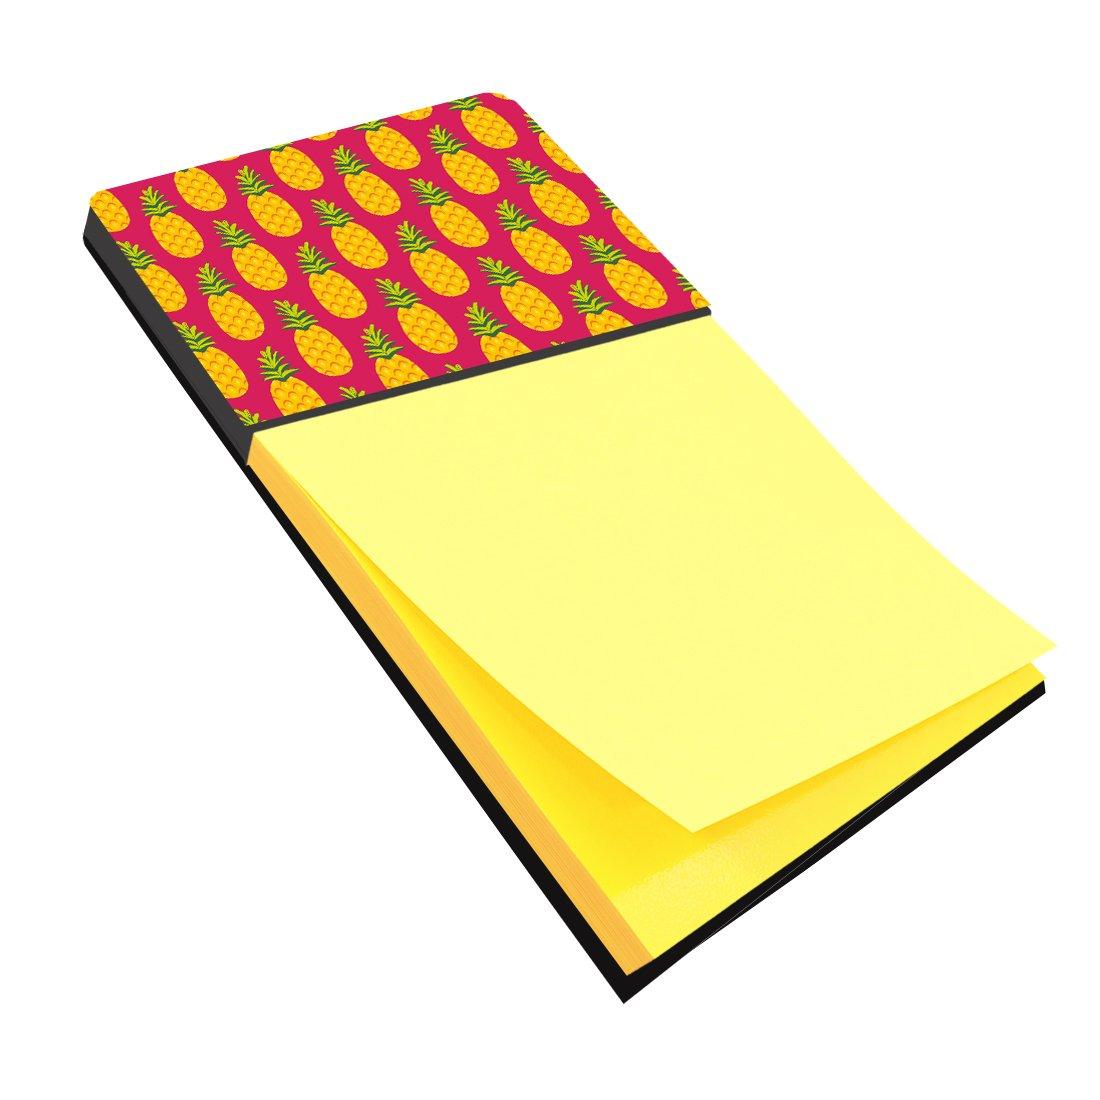 Multicolor Carolines Treasures Desk Artwork Notepad Holder BB5136SN